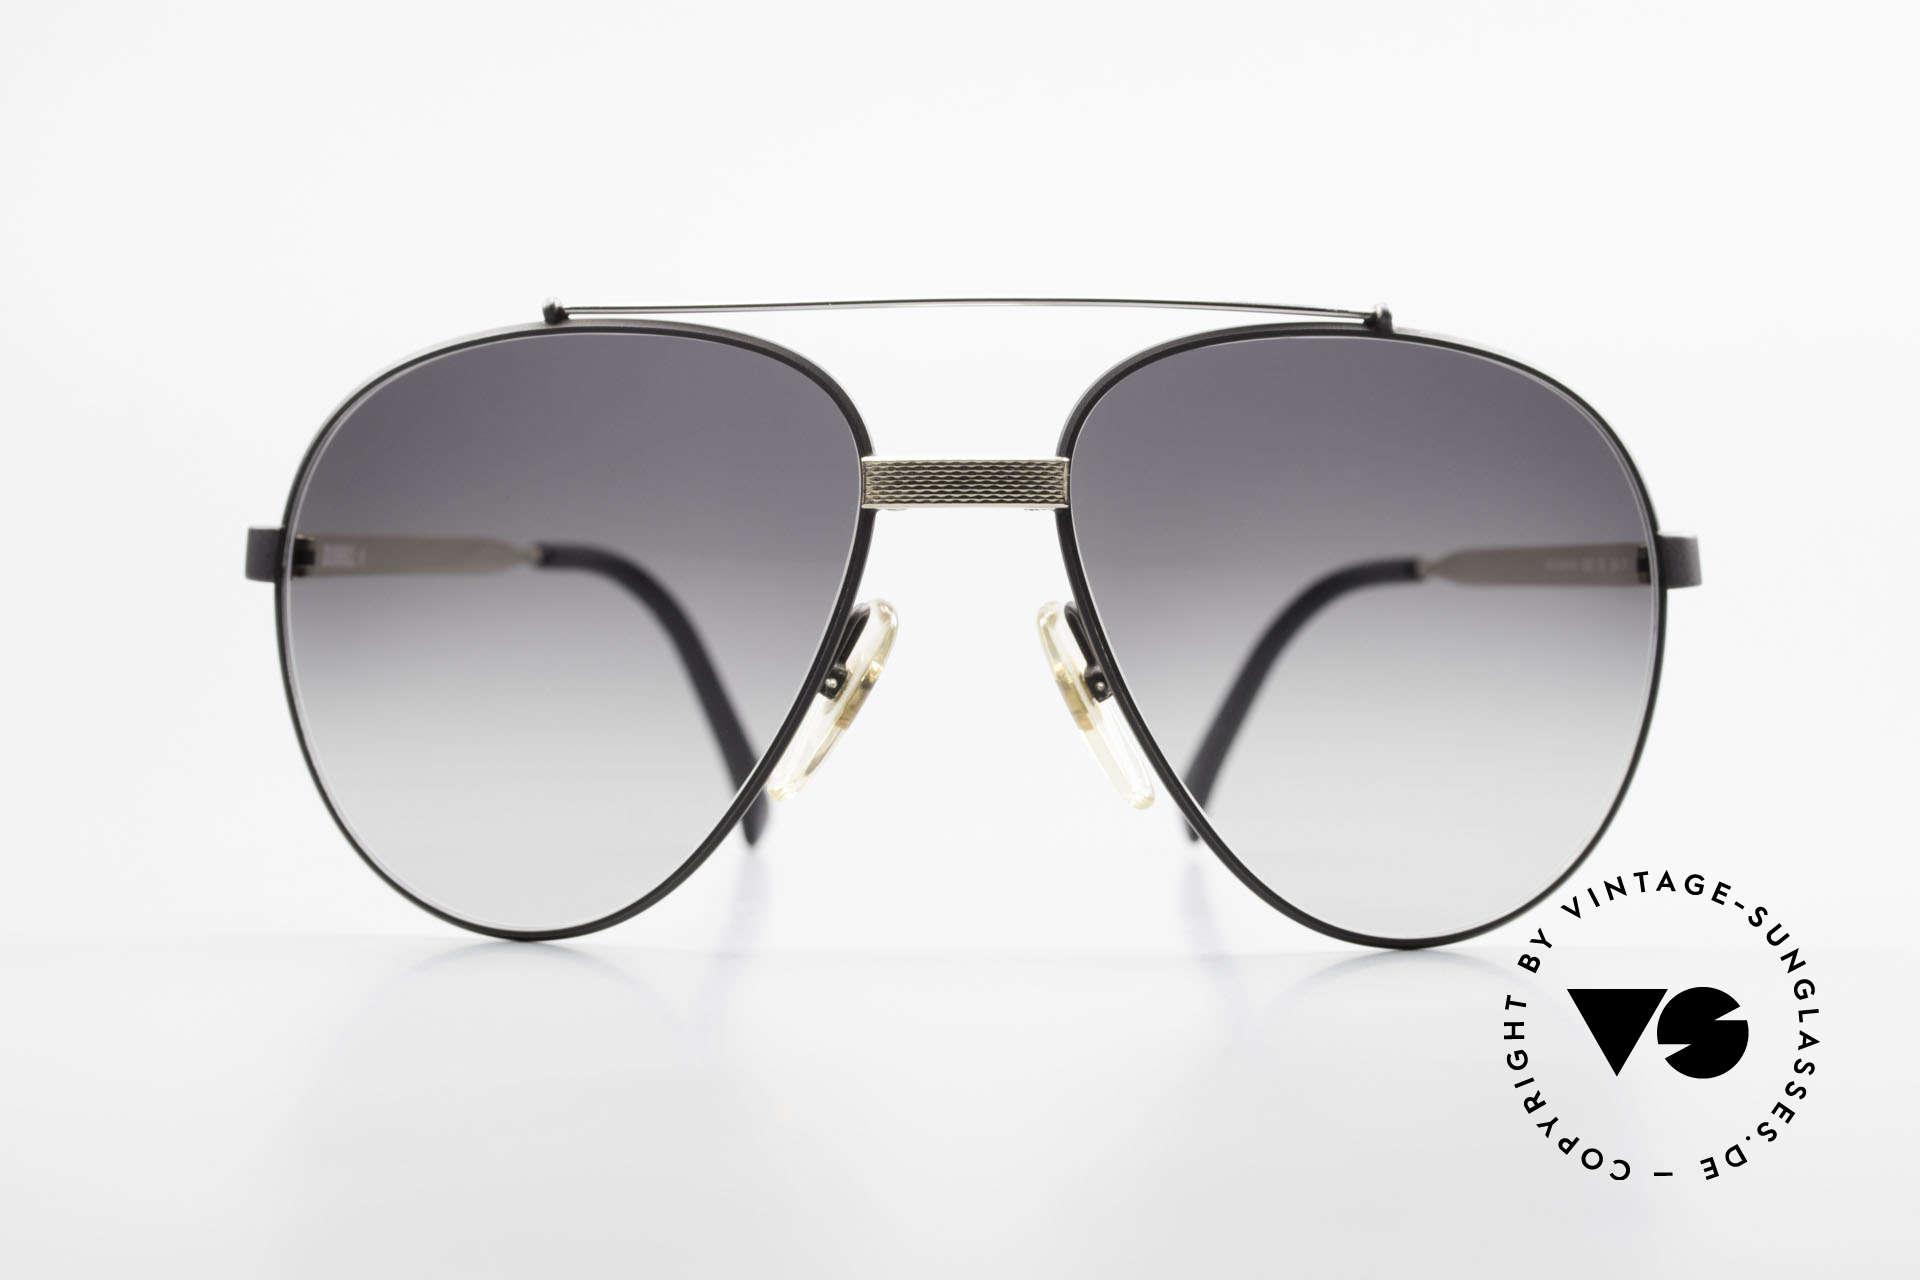 Dunhill 6023 80er Luxus Sonnenbrille Herren, schwarz verchromt mit vergoldeten Elementen, Passend für Herren